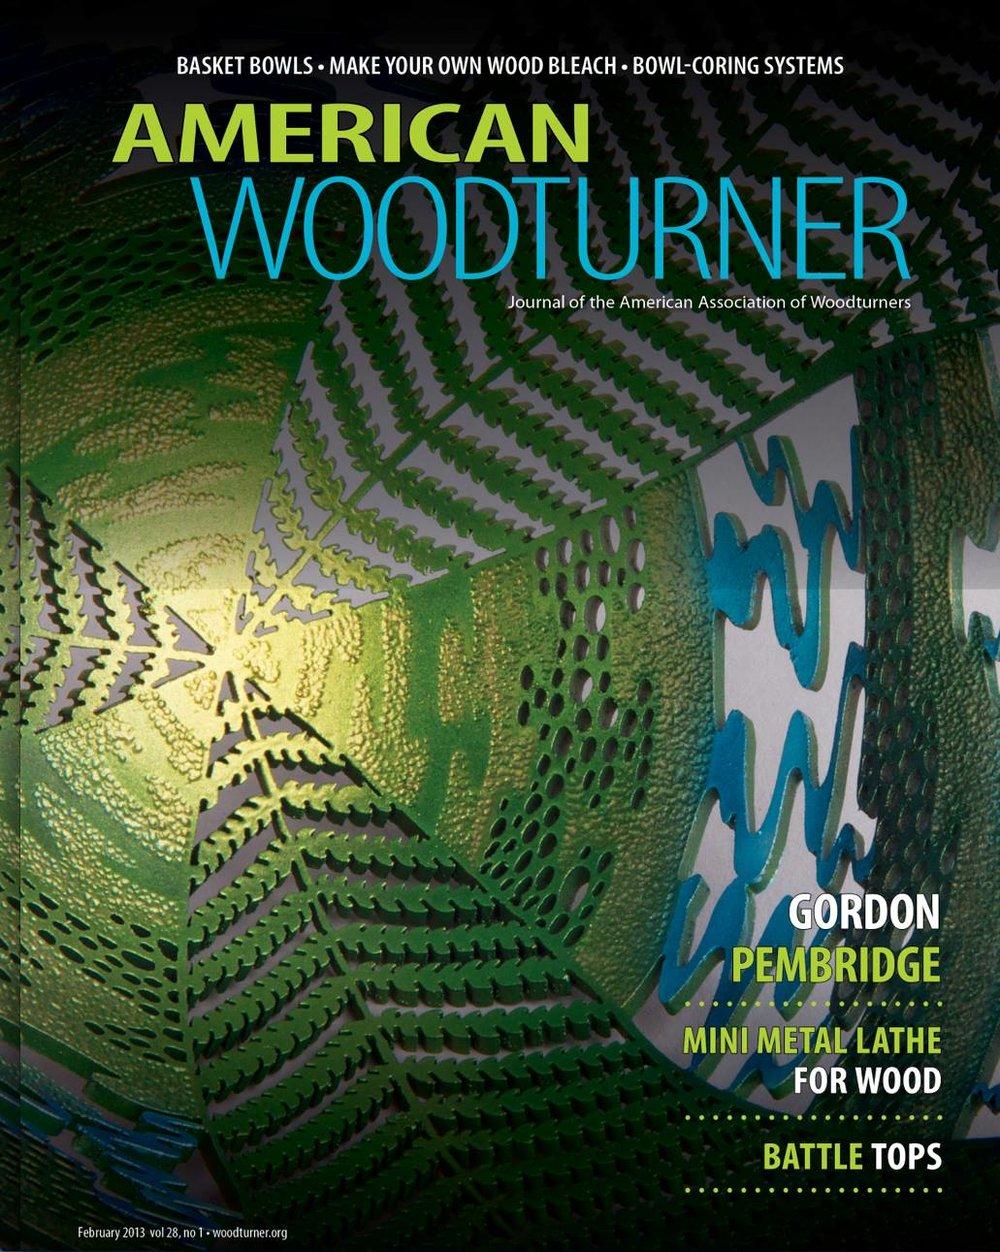 Americanwoodturnercover.jpg